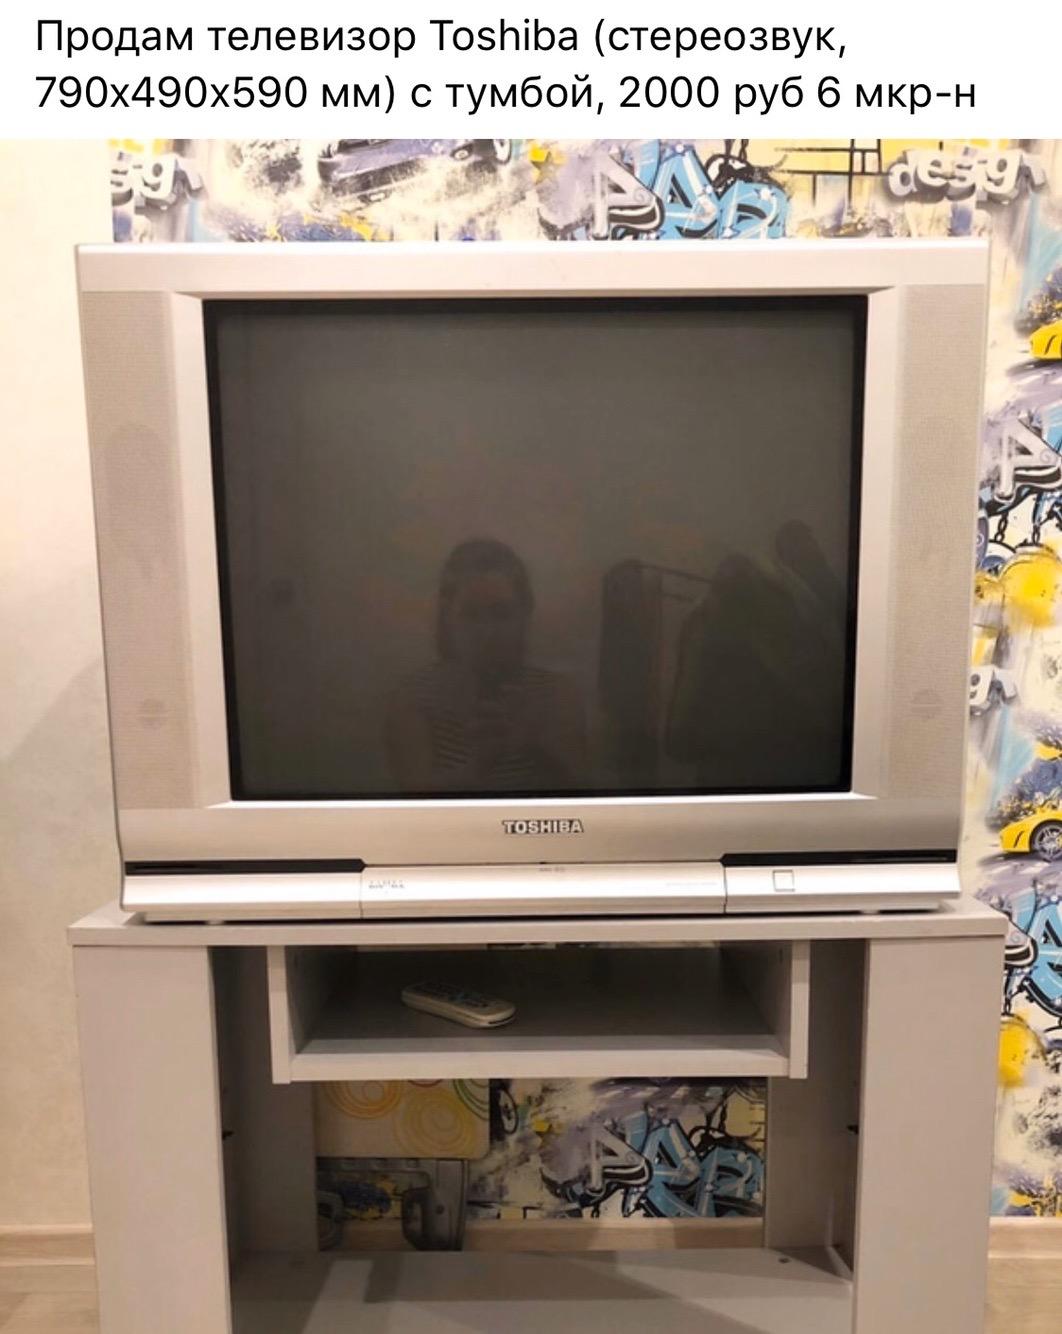 Купить телевизор Toshiba (790x490x590 мм) с | Объявления Орска и Новотроицка №1375